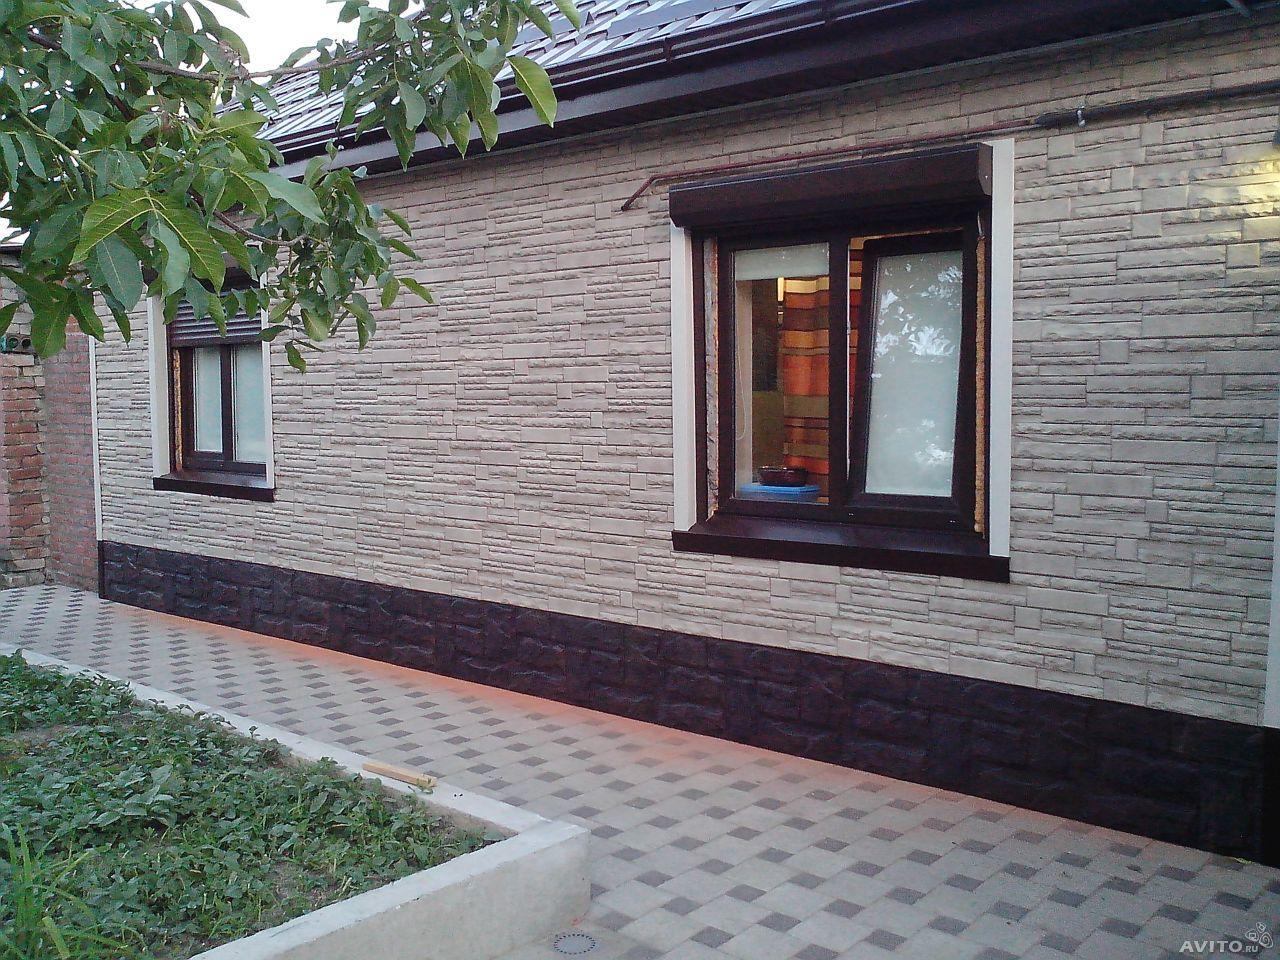 Какие бывают типы и виды сайдинга для отделки фасада дома – классификация, плюсы и минусы